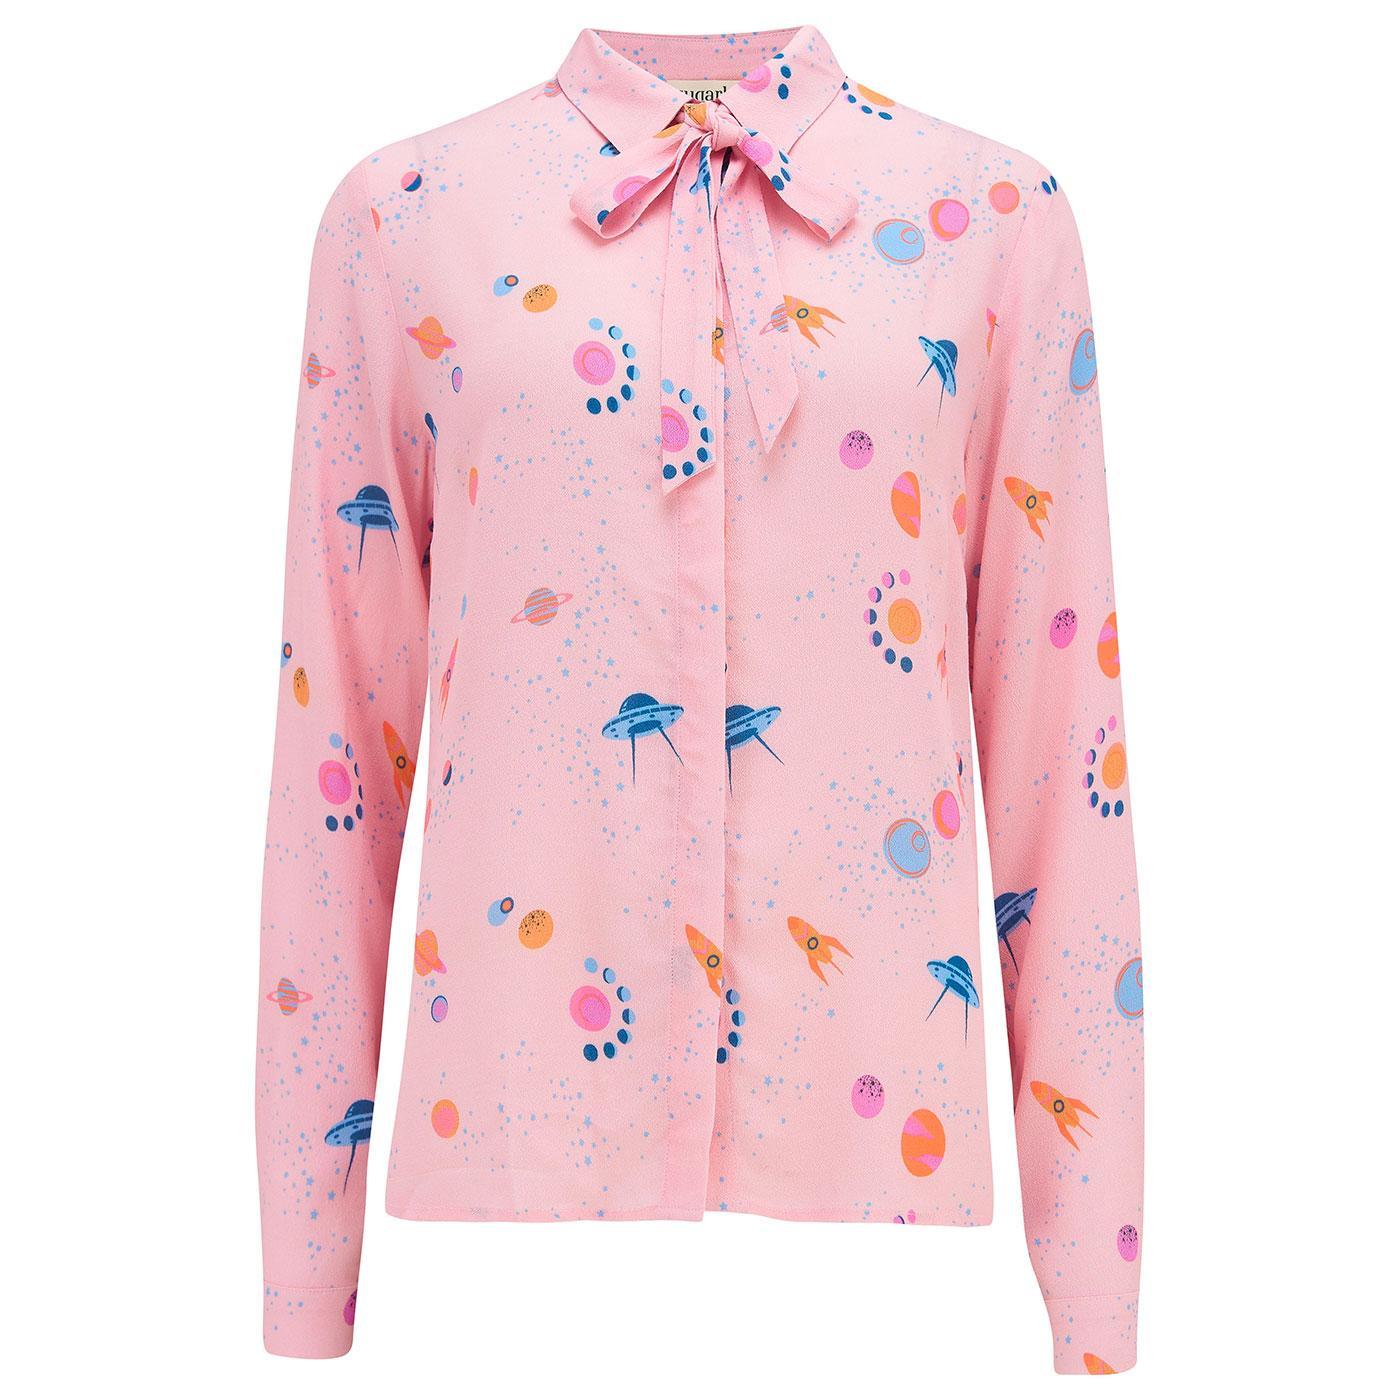 Catrina SUGARHILL BRIGHTON UFO Retro Shirt in Pink